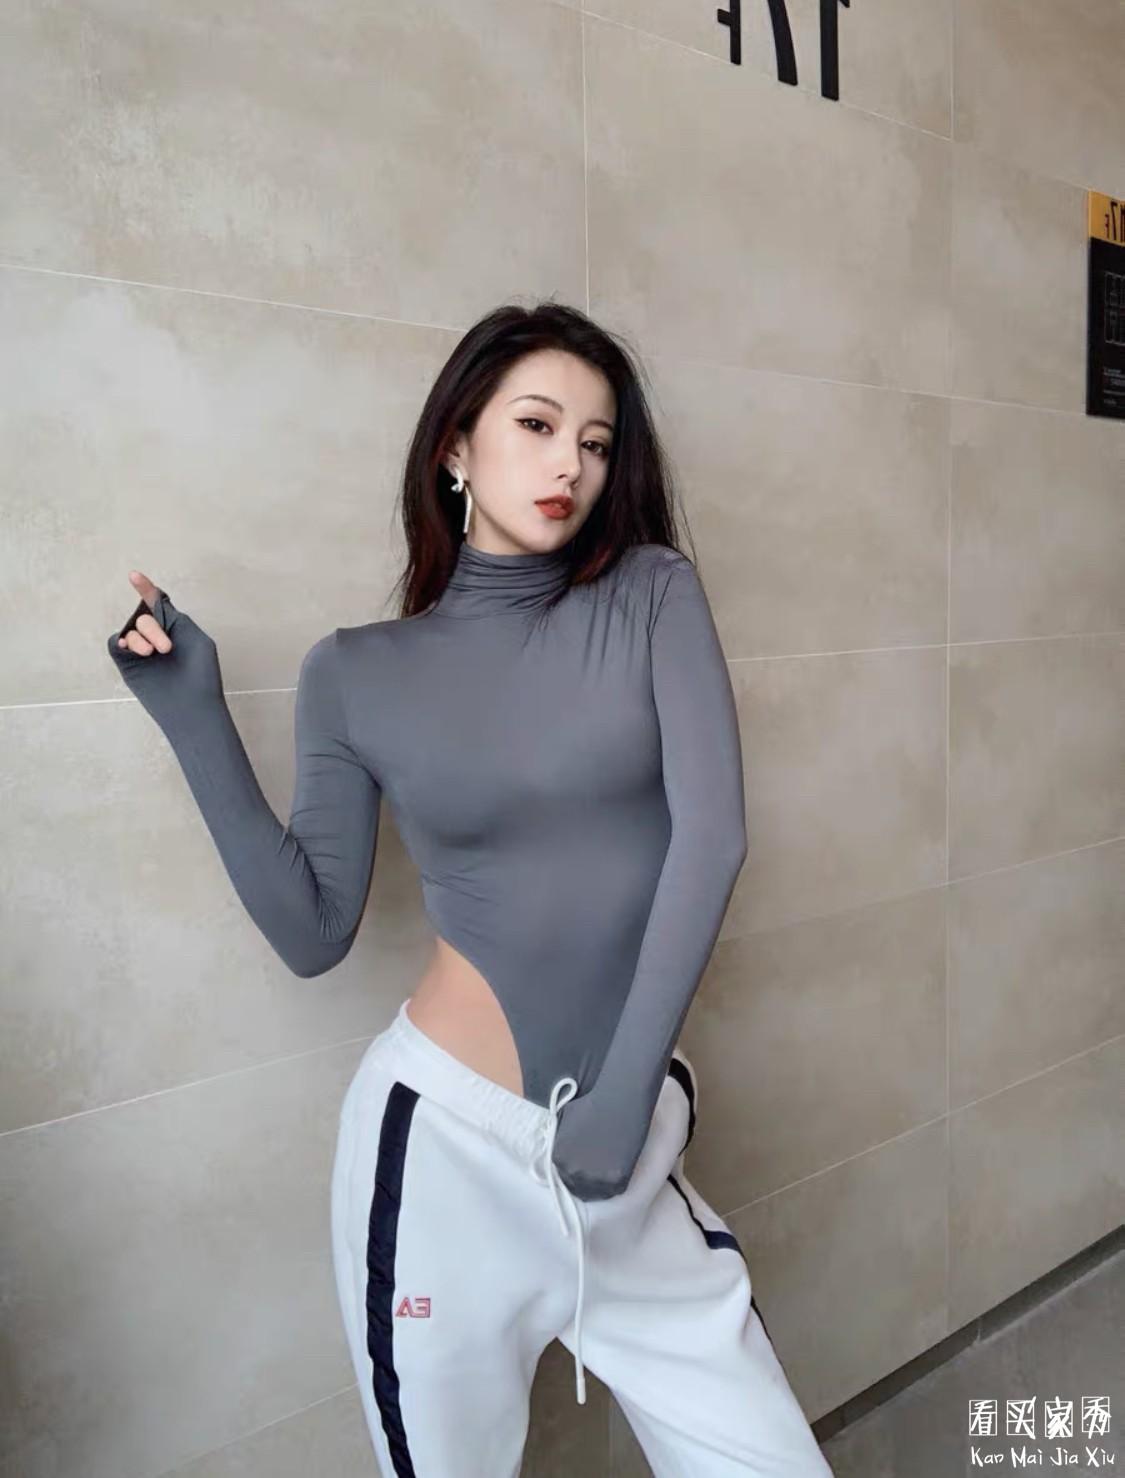 连体高领紧身长袖打底衫买家秀,穿这种衣服都不需要穿内裤了